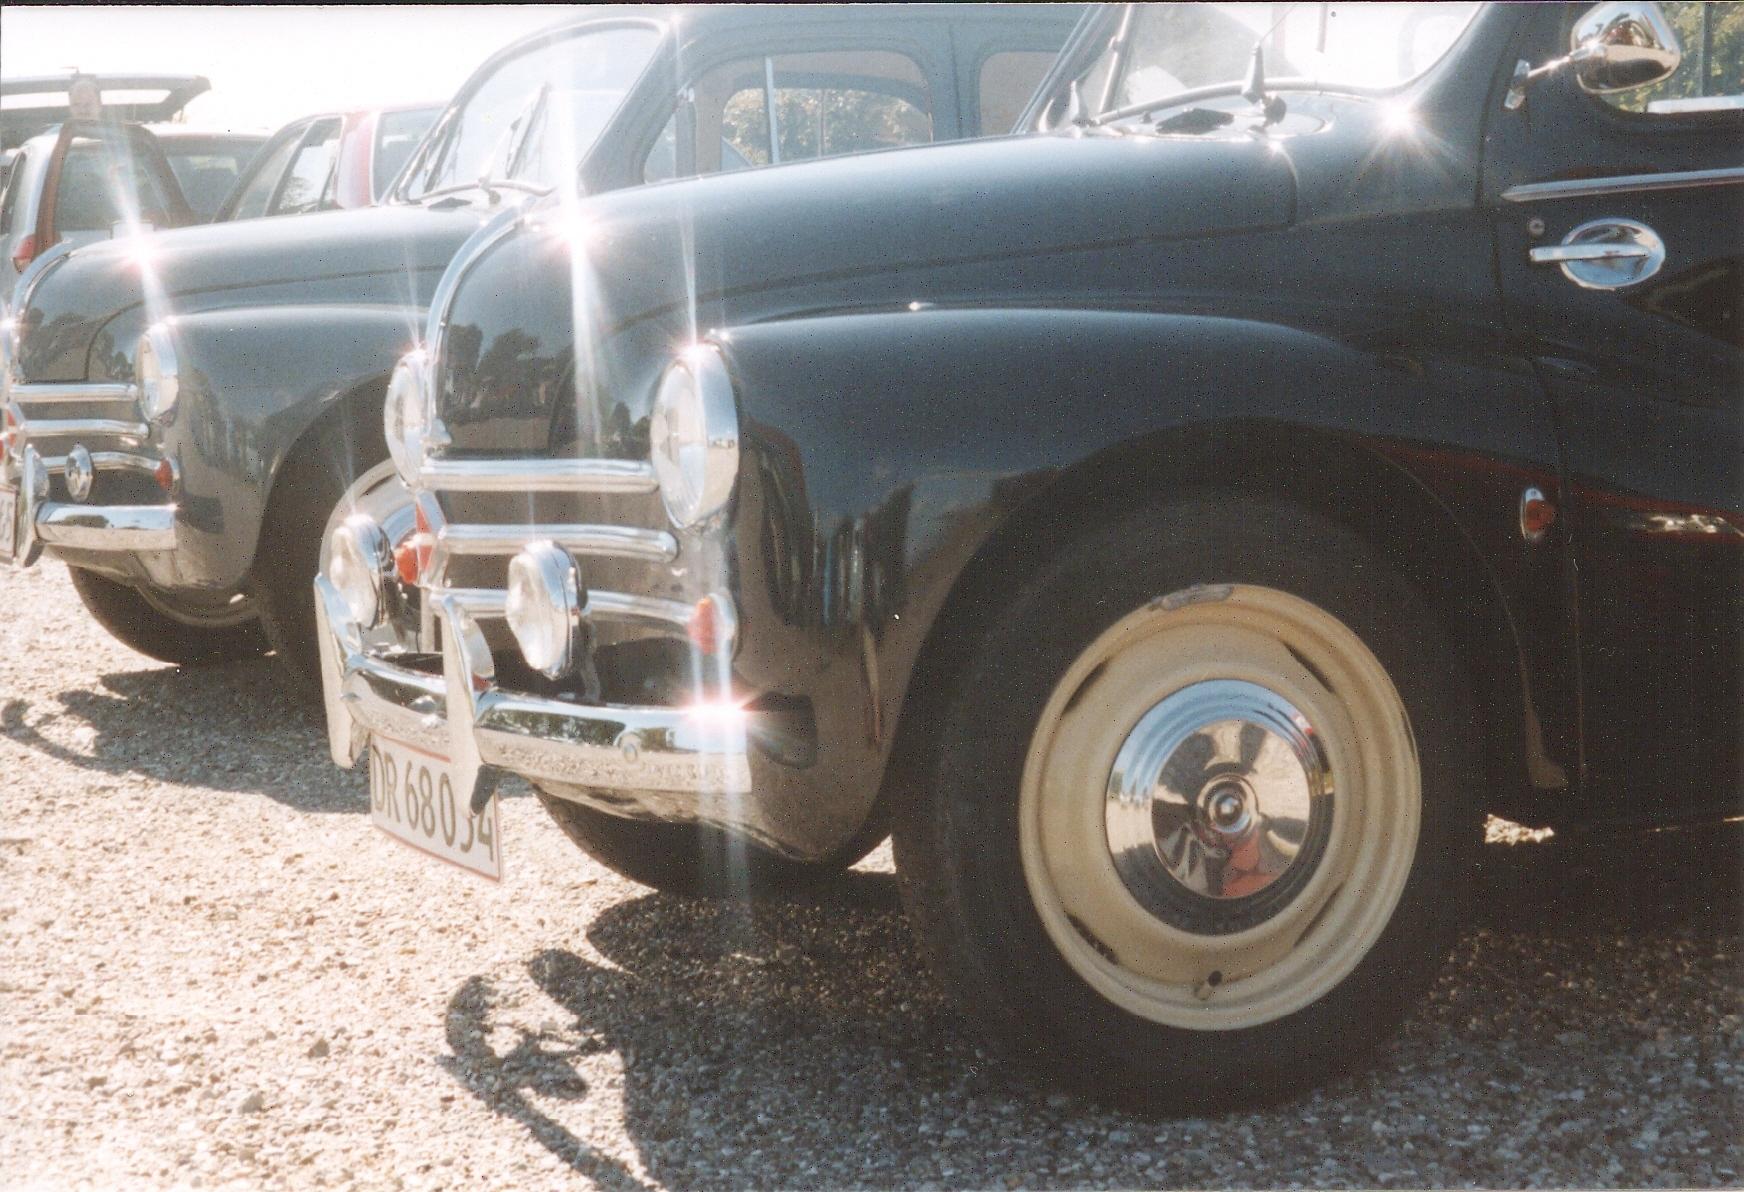 Helnæs_2004 (7).jpg